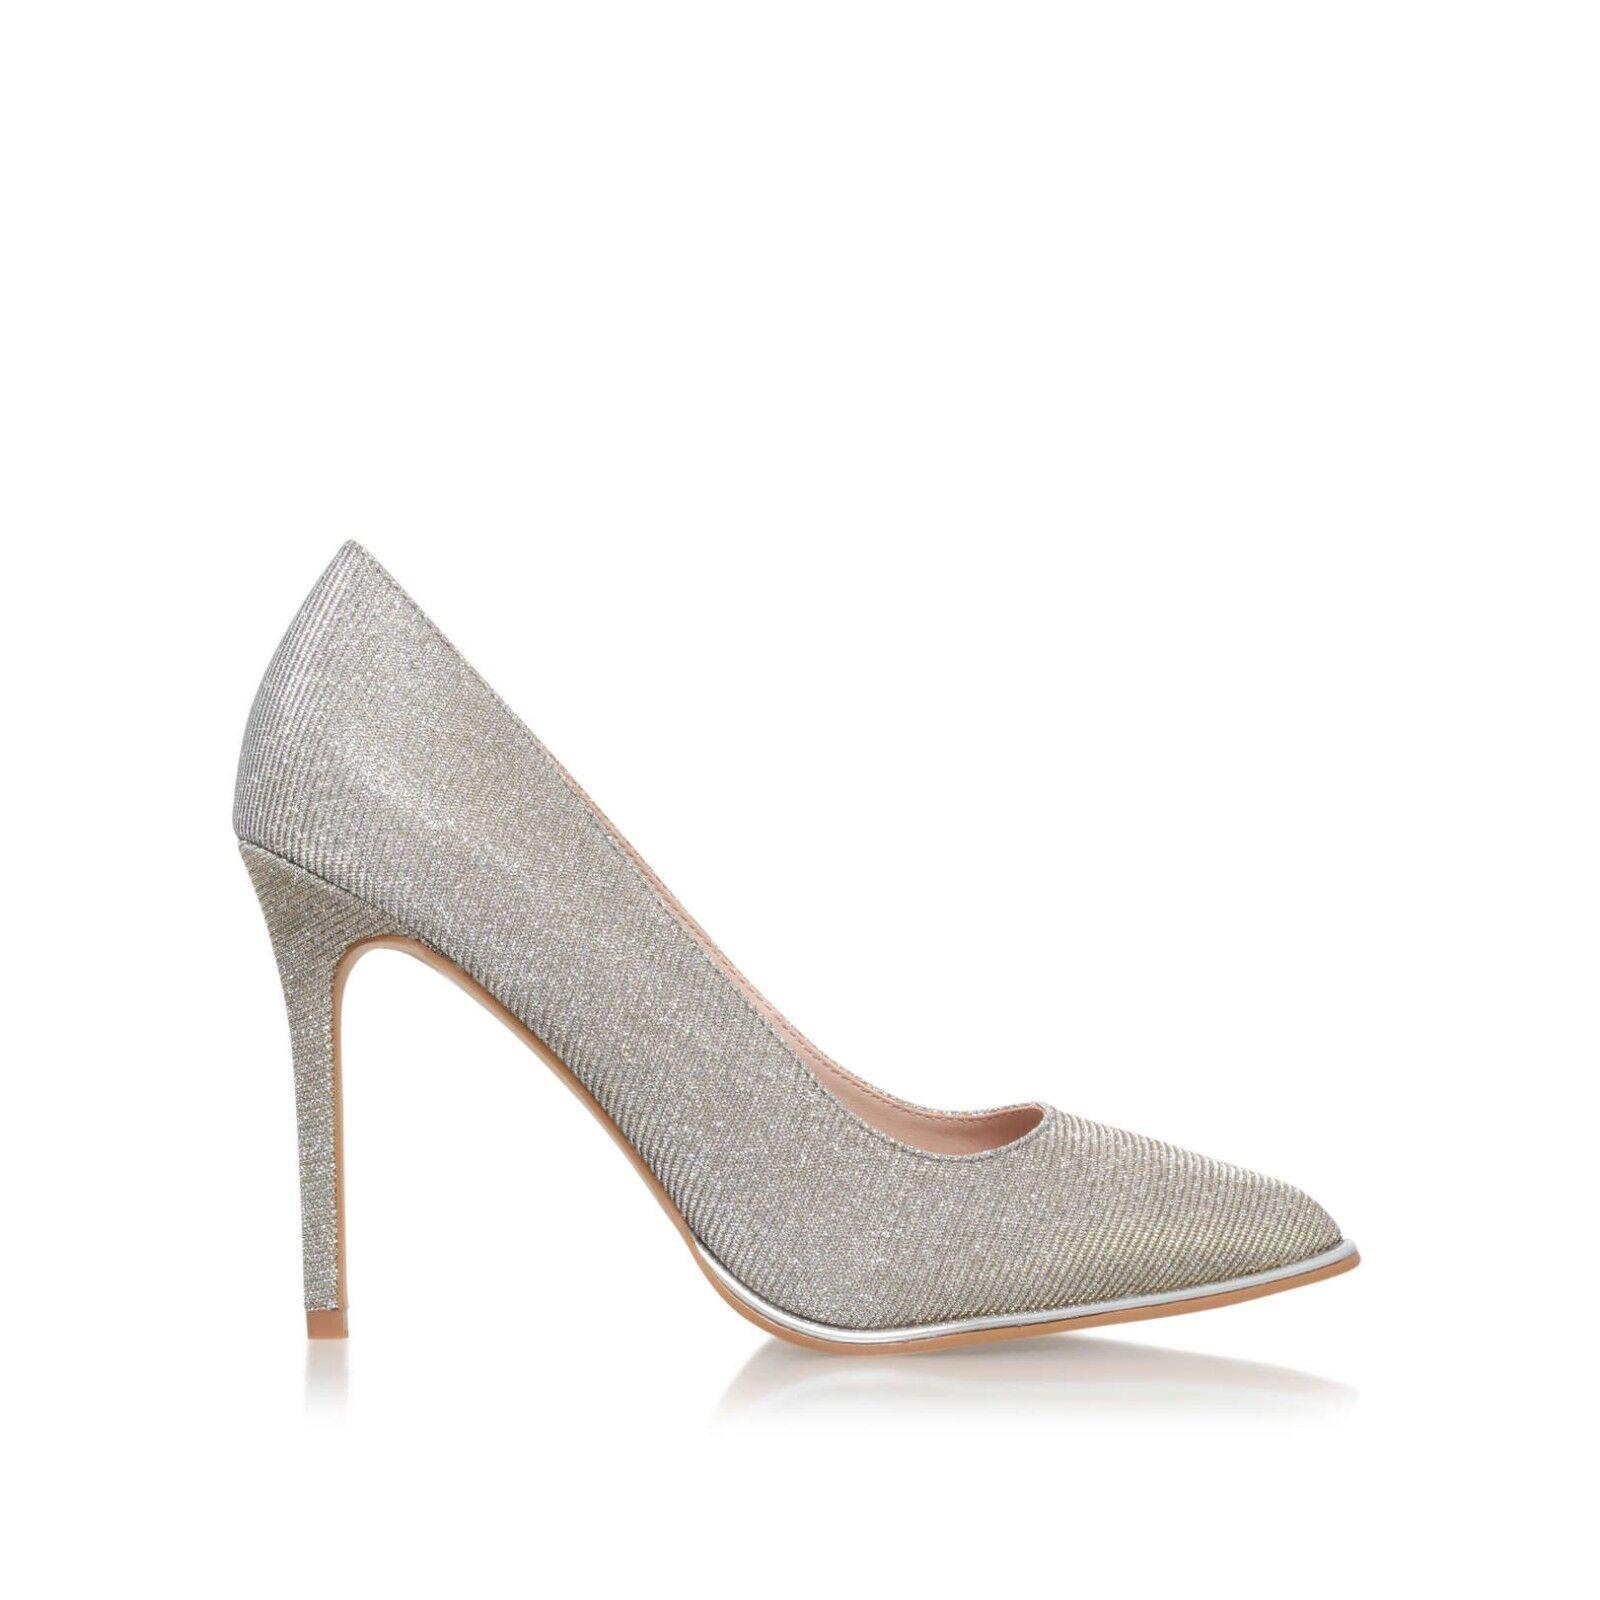 KG Kurt Geiger Metallic Silver Ombre High Heel Court Schuhes Größe 6 EU39 BNIB